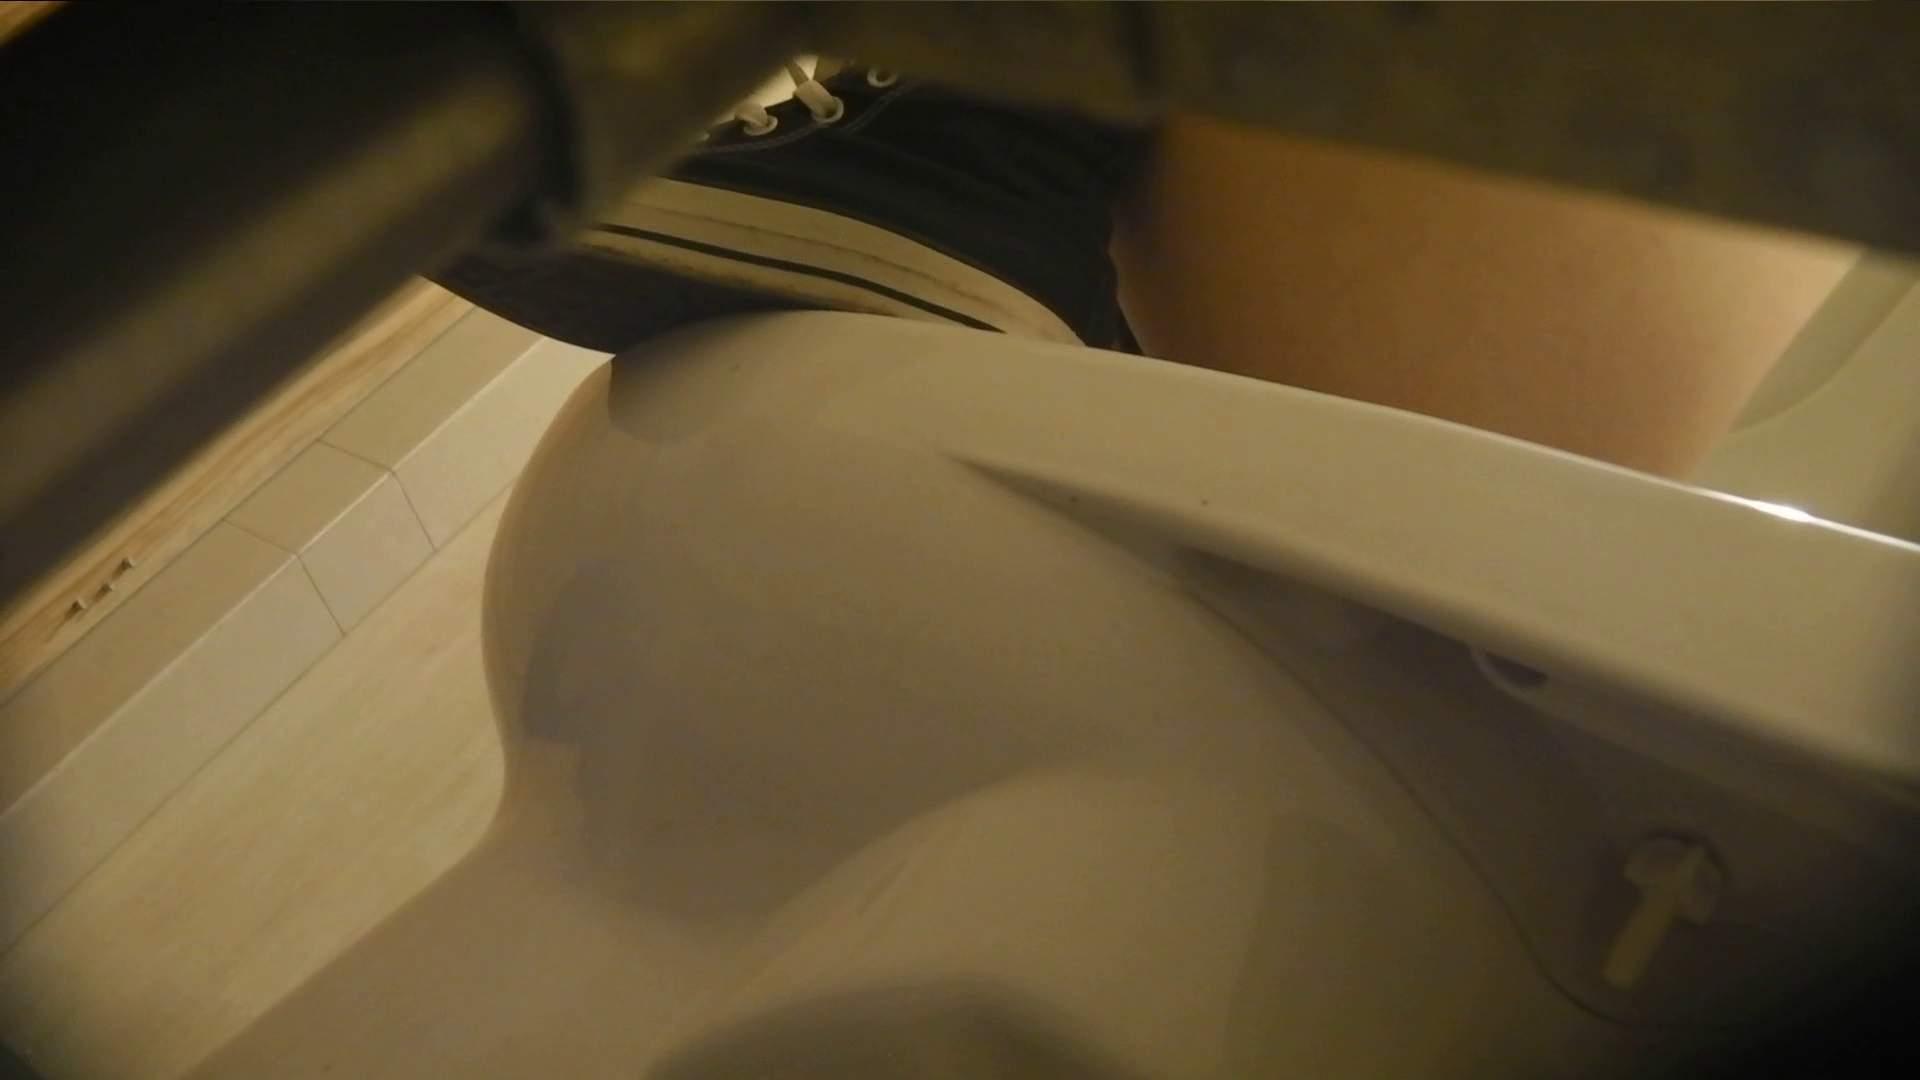 阿国ちゃんの「和式洋式七変化」No.15 和式で・・・ オメコ無修正動画無料 50画像 17